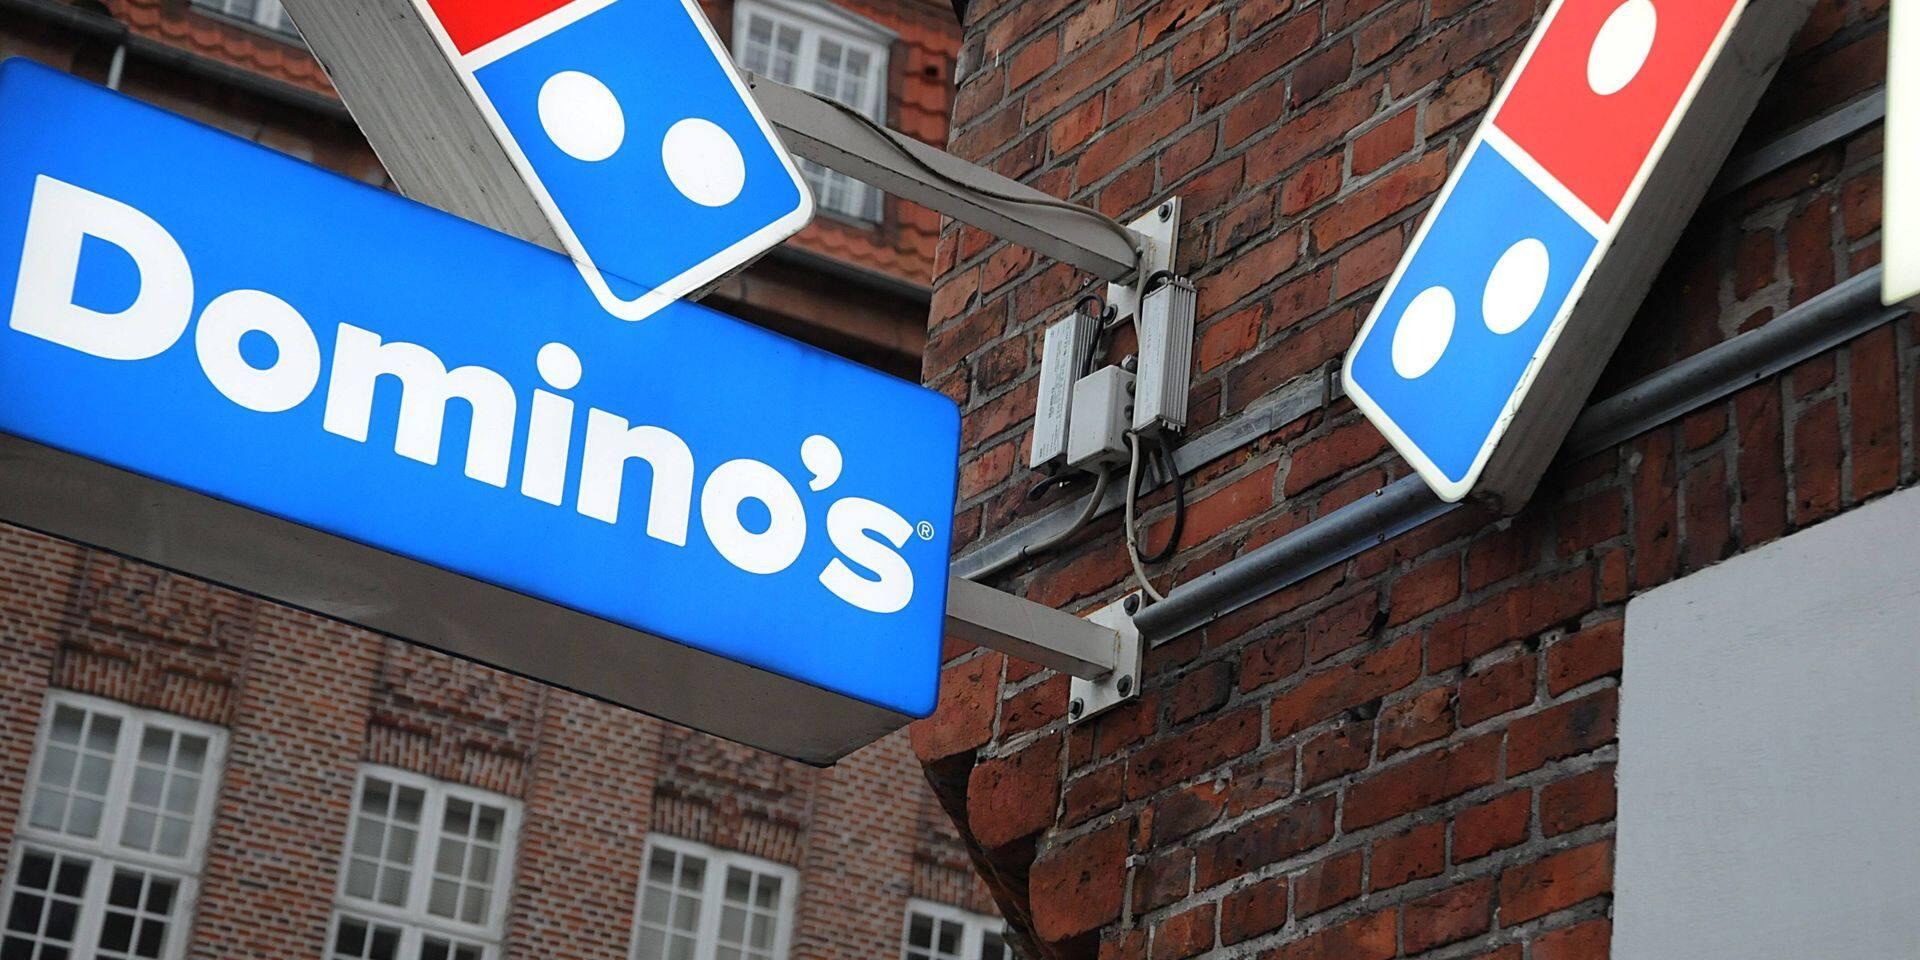 Vingt nouveaux Domino's Pizza vont ouvrir en Belgique dans les six mois